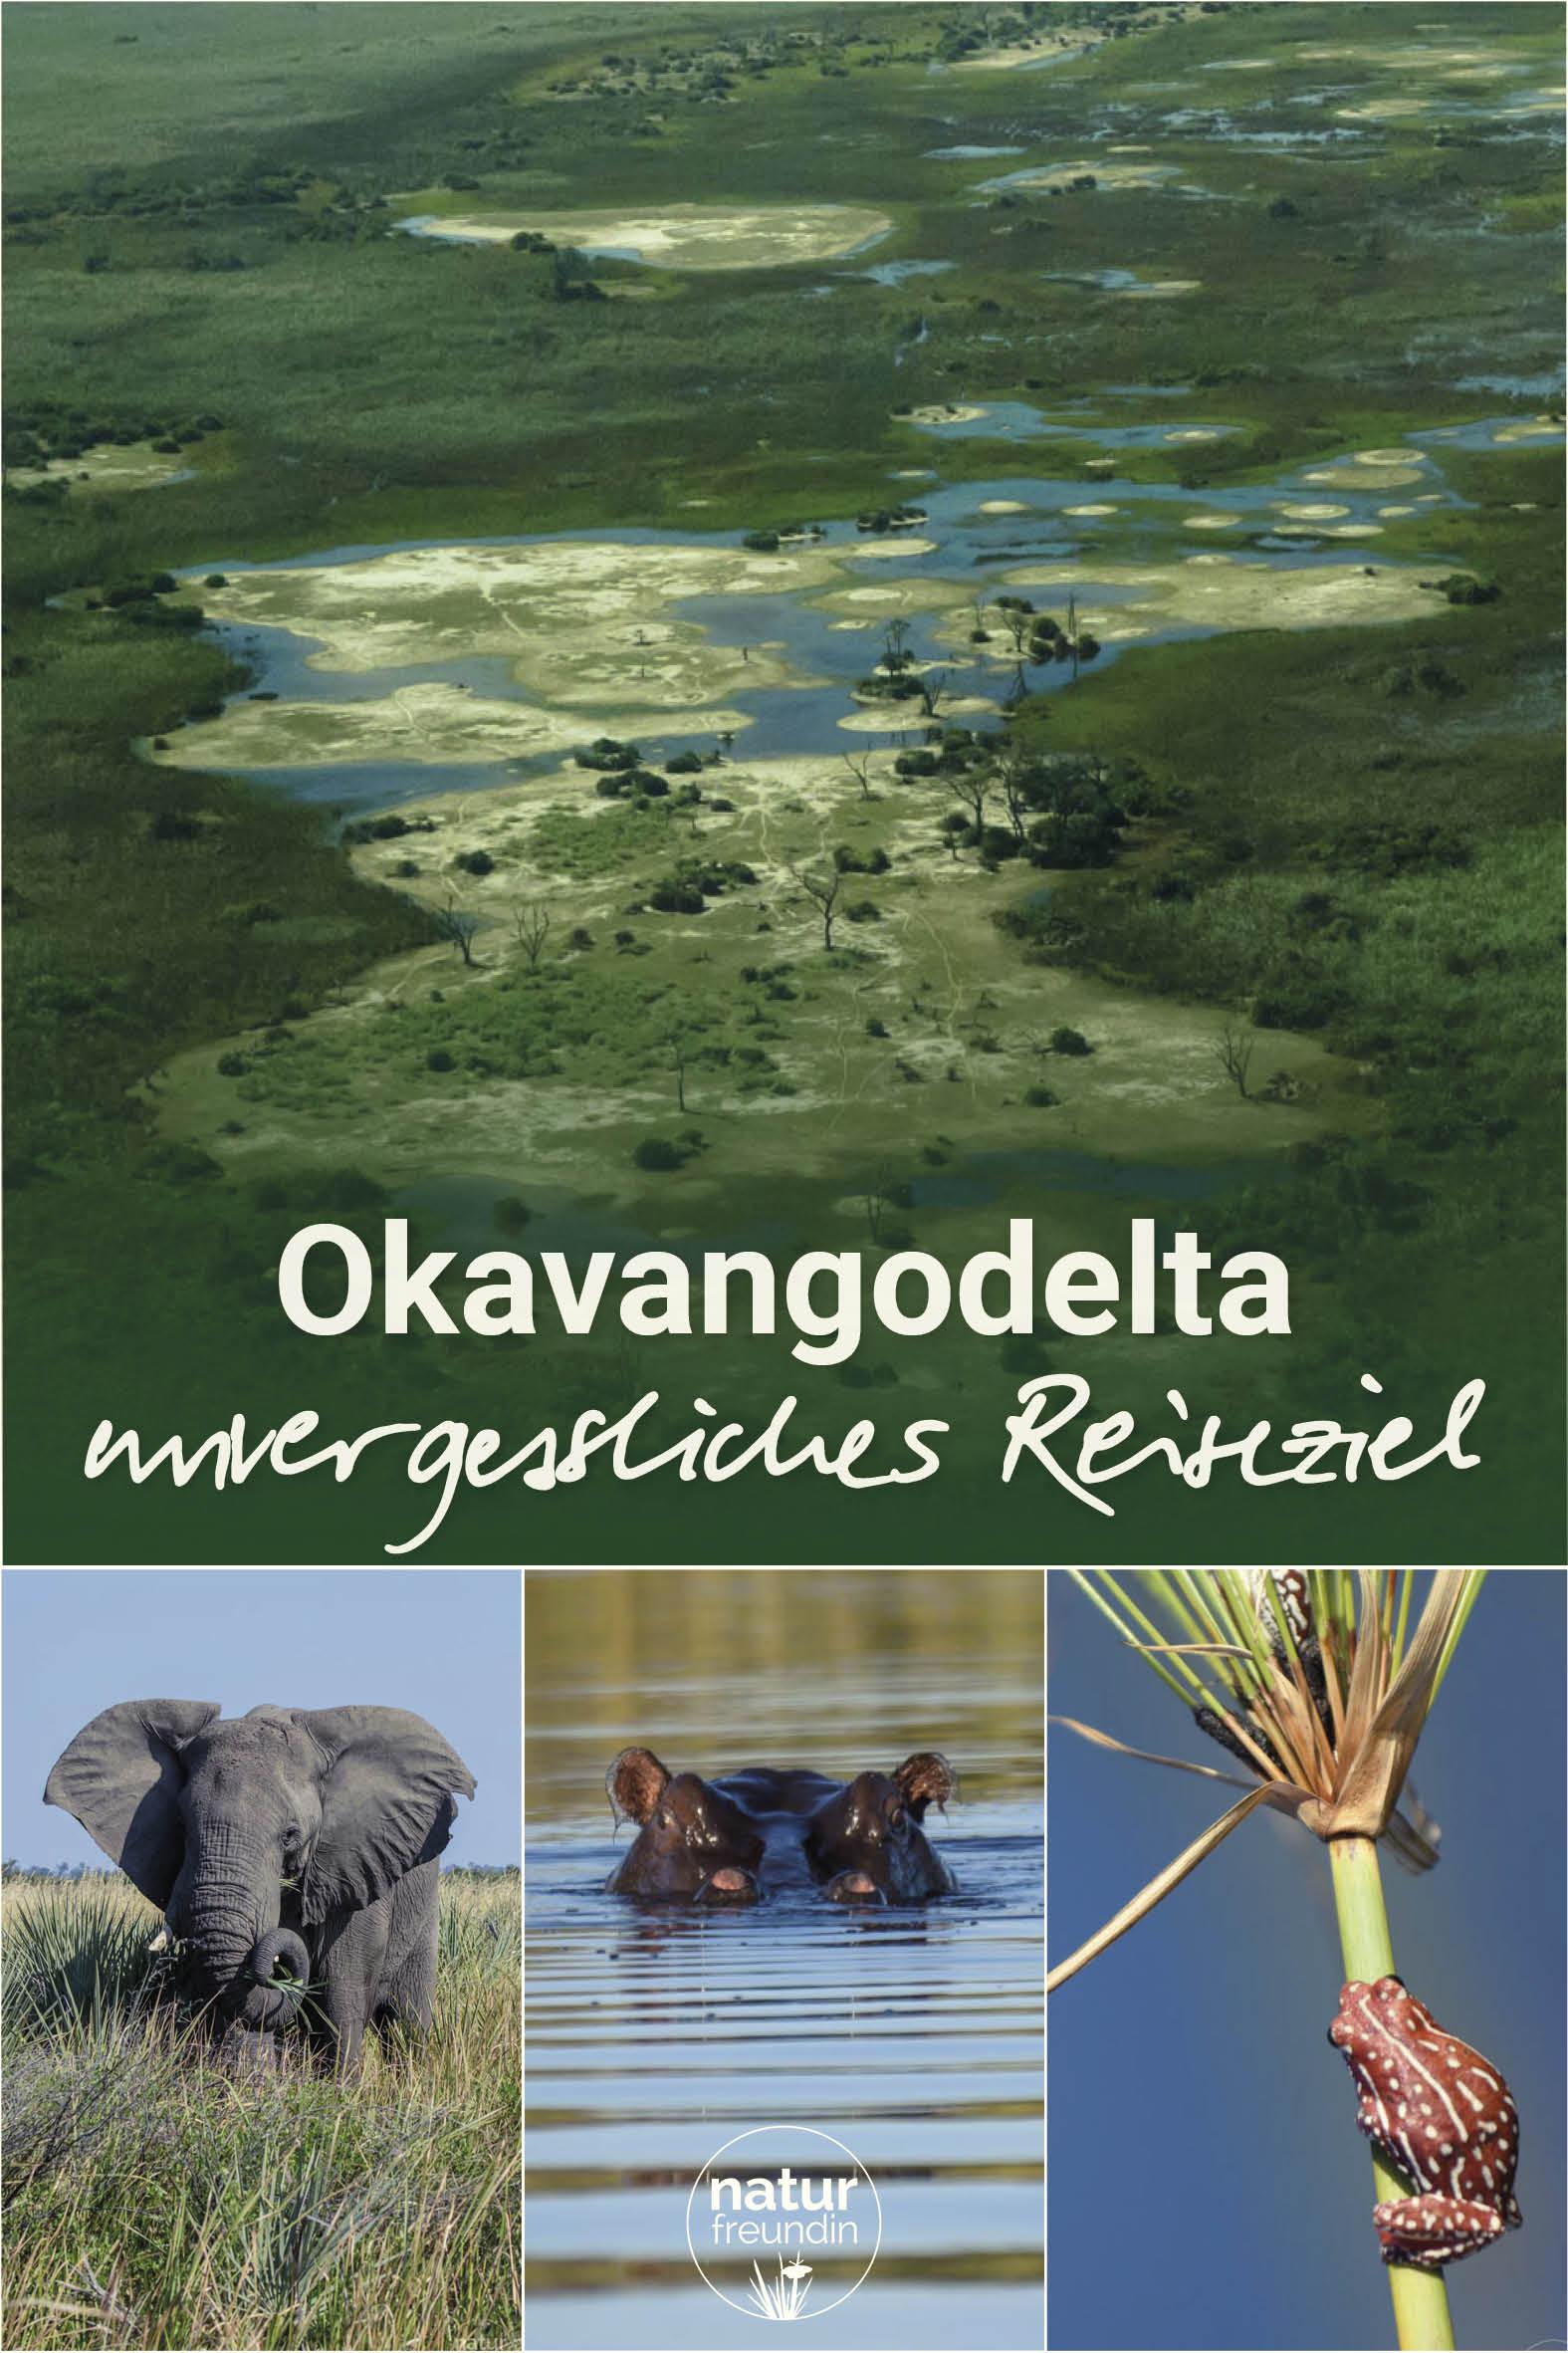 Okavangodelta - ein unglaubliches Reiseziel